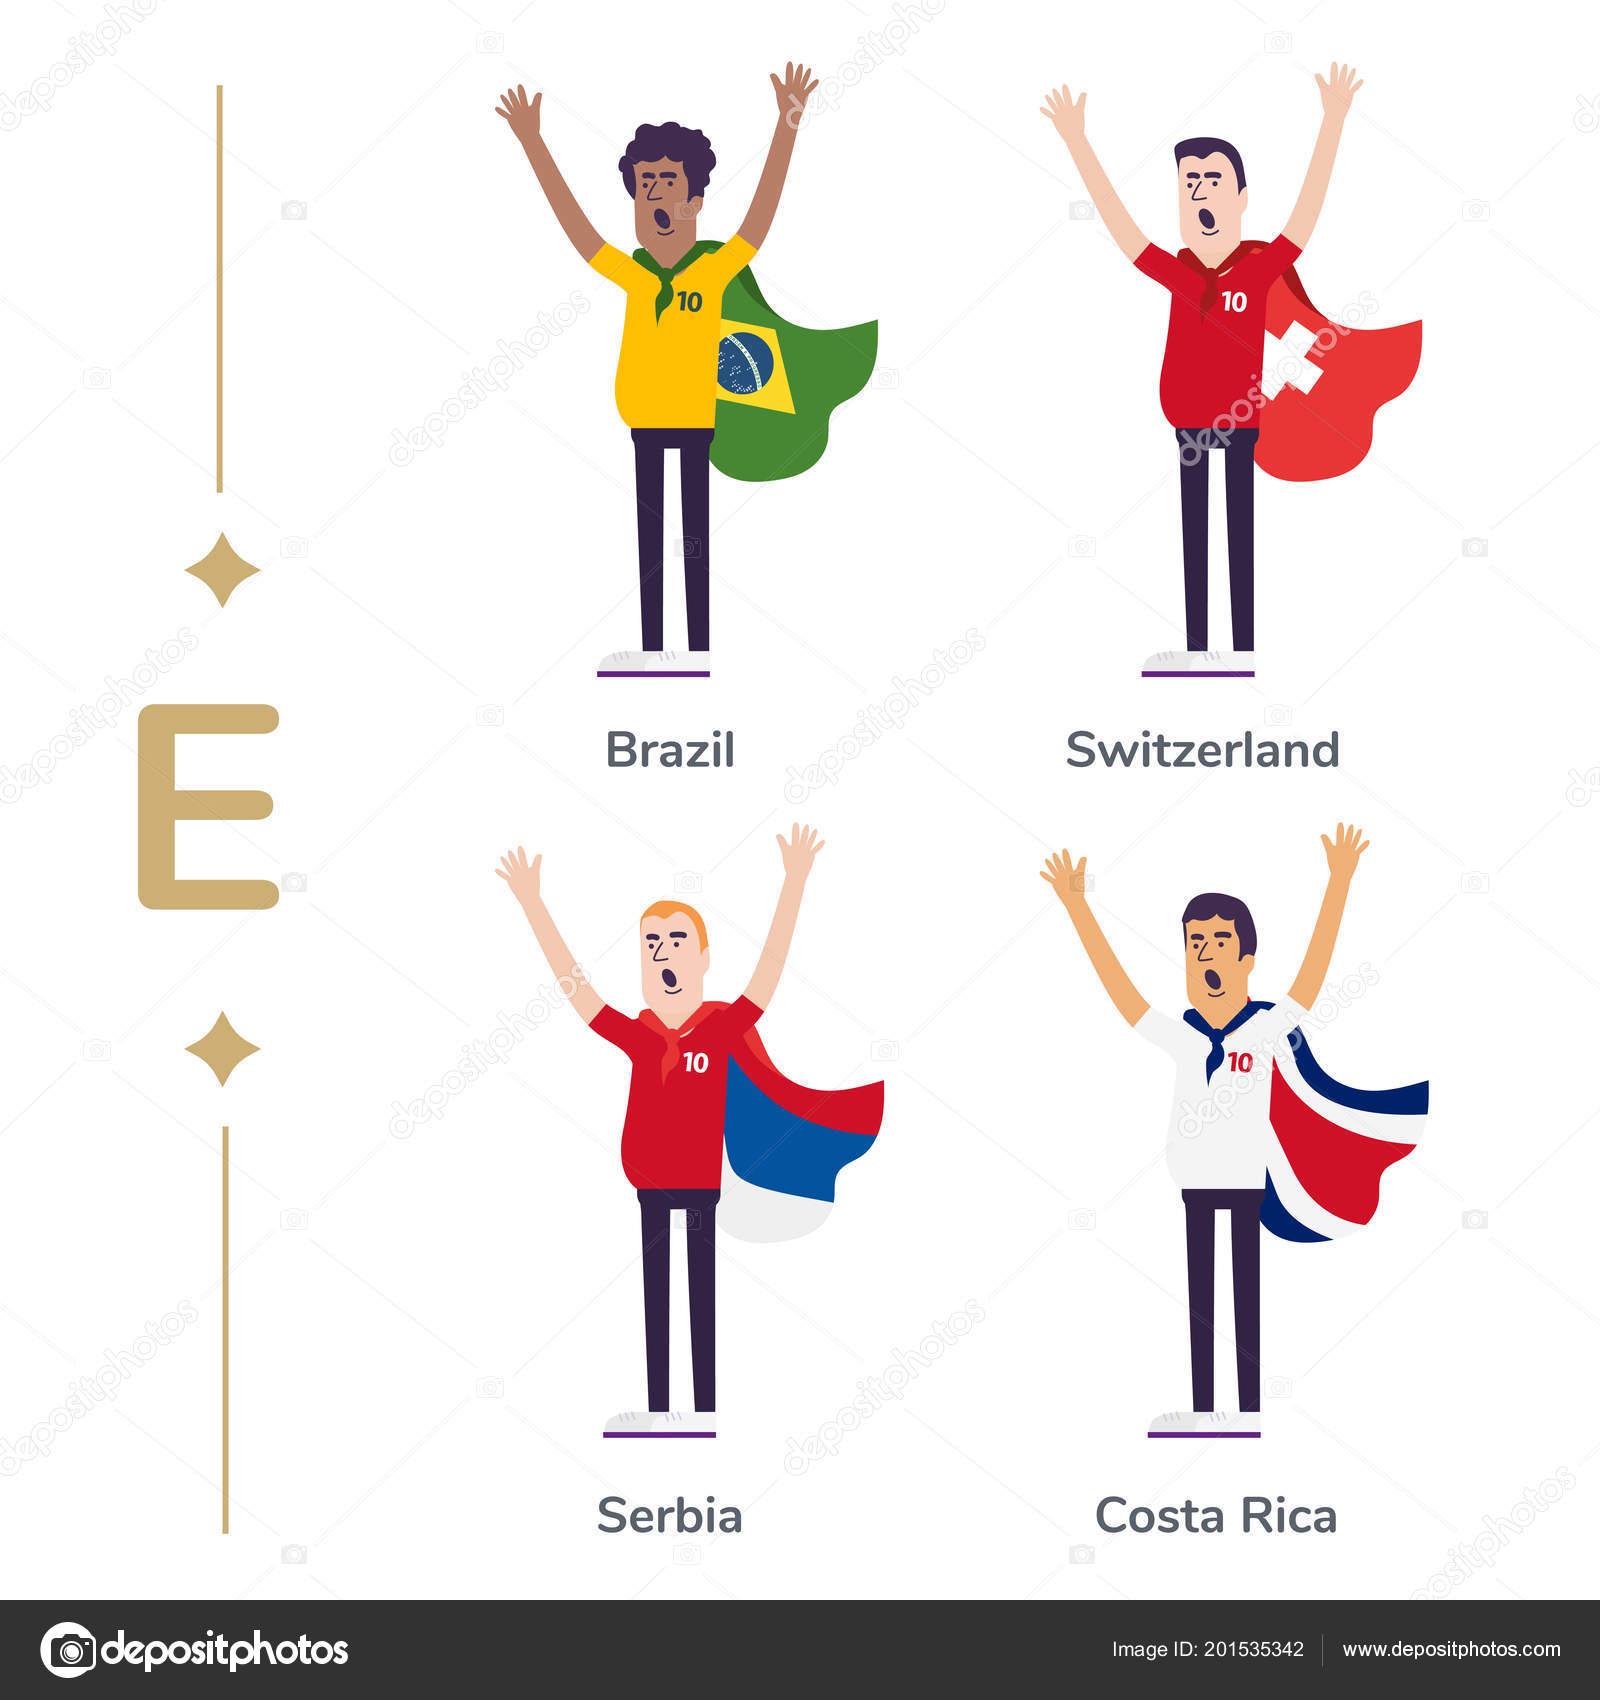 8cc85792c4162 Los fanáticos del fútbol nacionales equipos de apoyo. Fanático del fútbol  con la bandera. Brasil